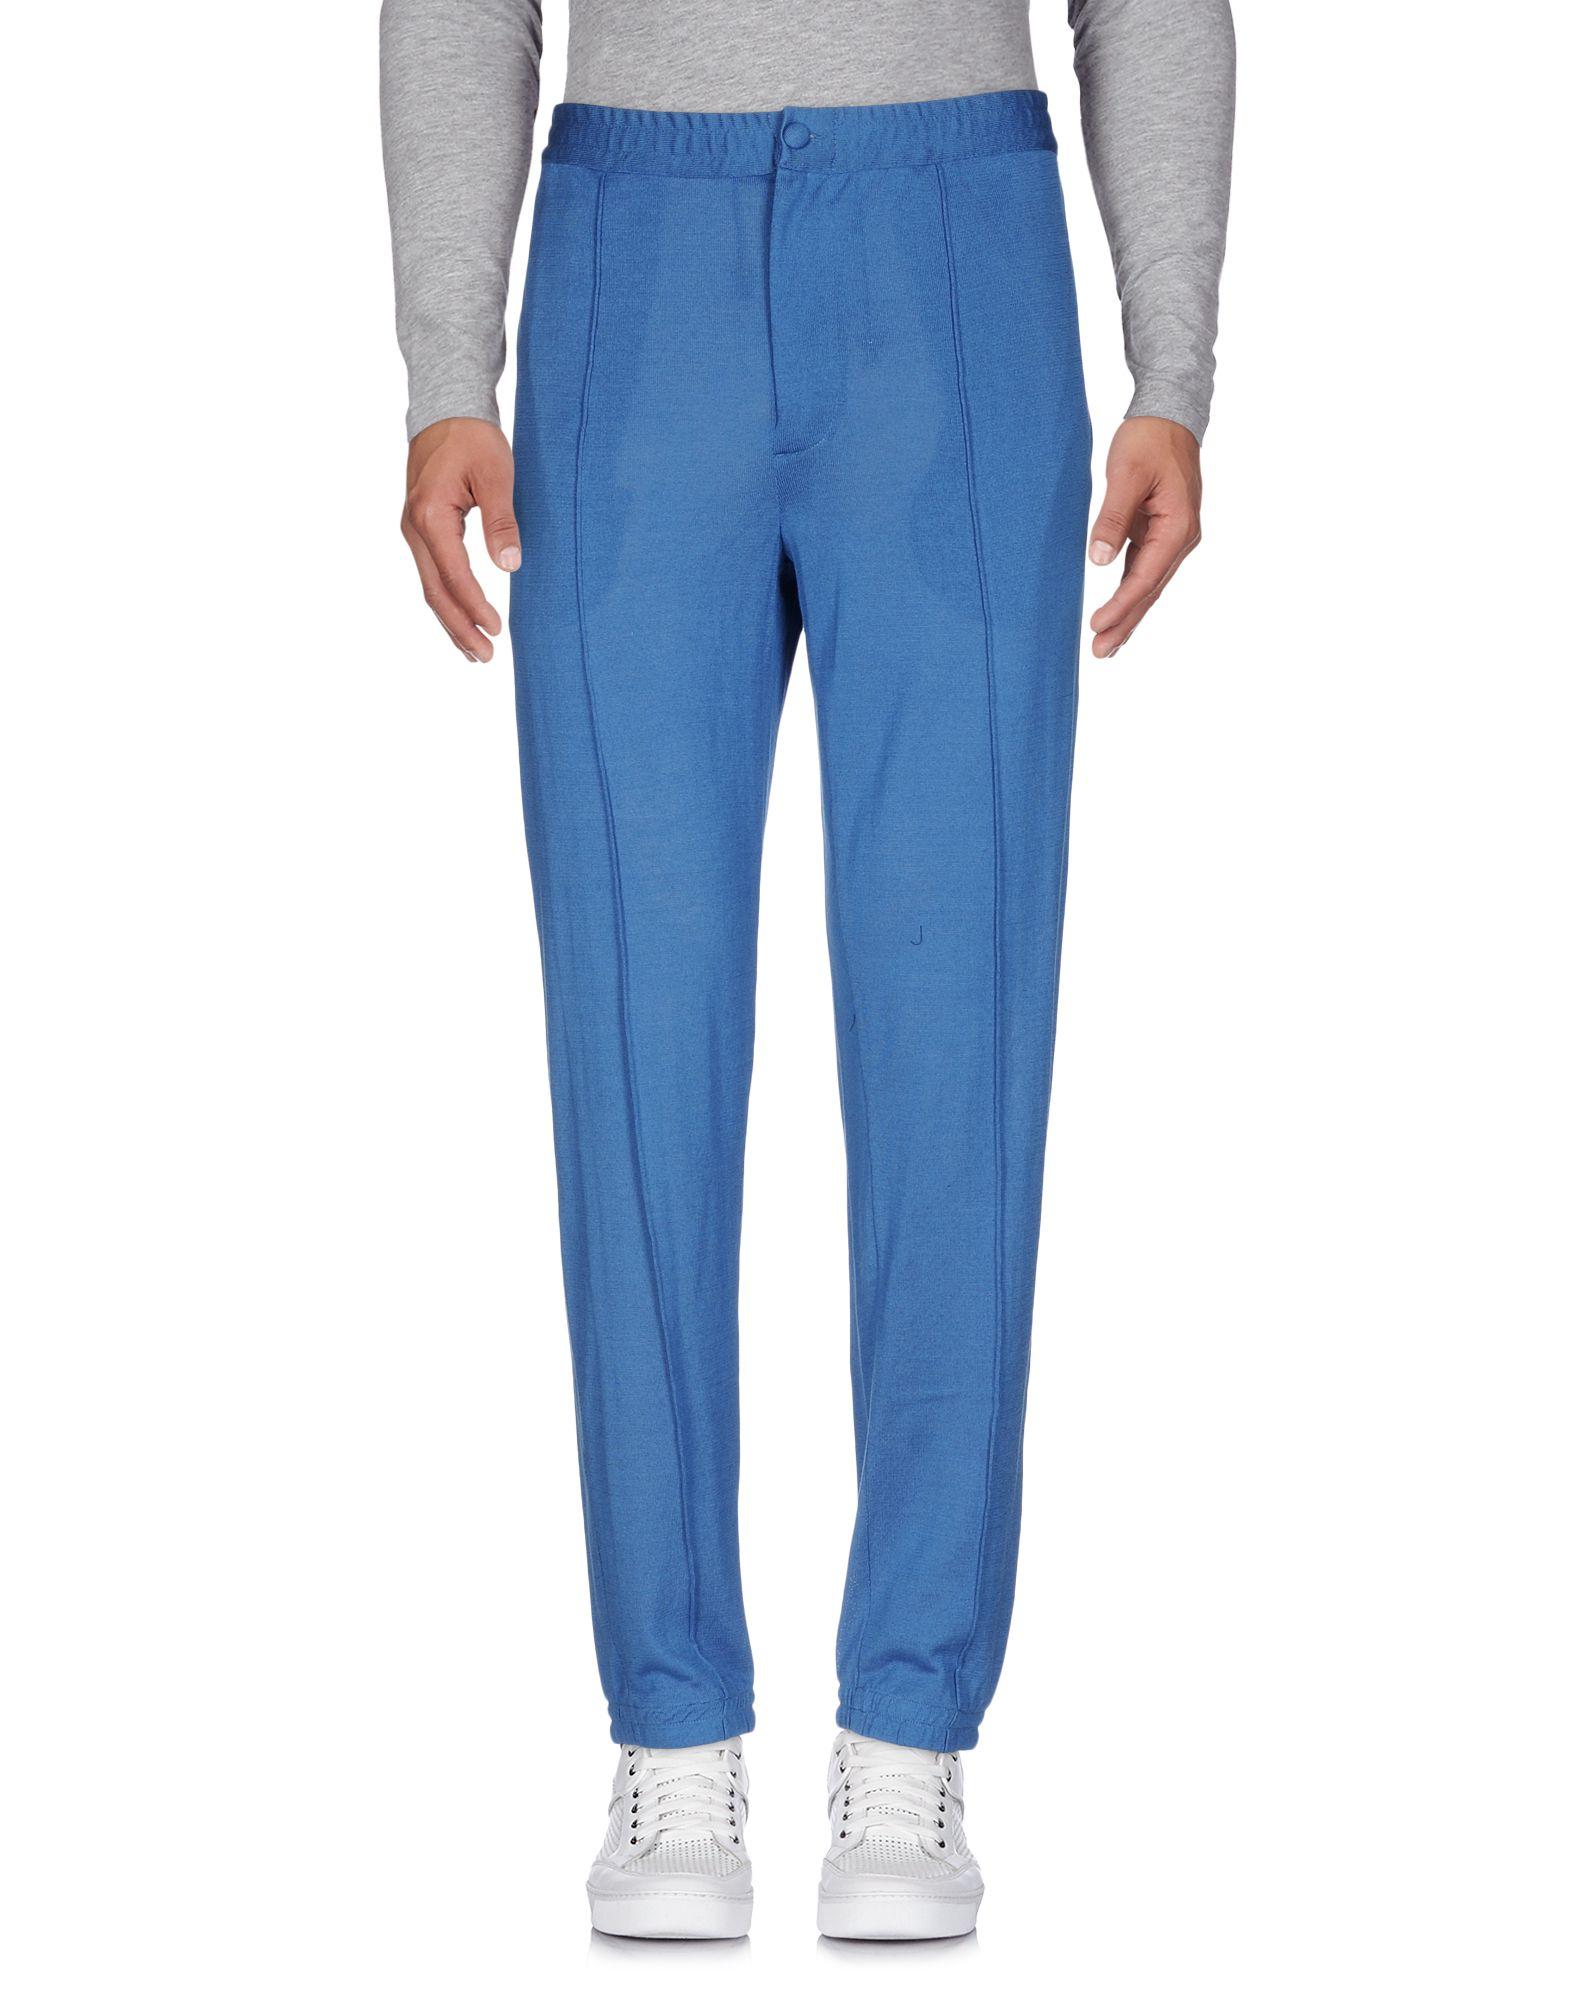 《送料無料》EMILIANO RINALDI メンズ パンツ ブルー 50 コットン 100%